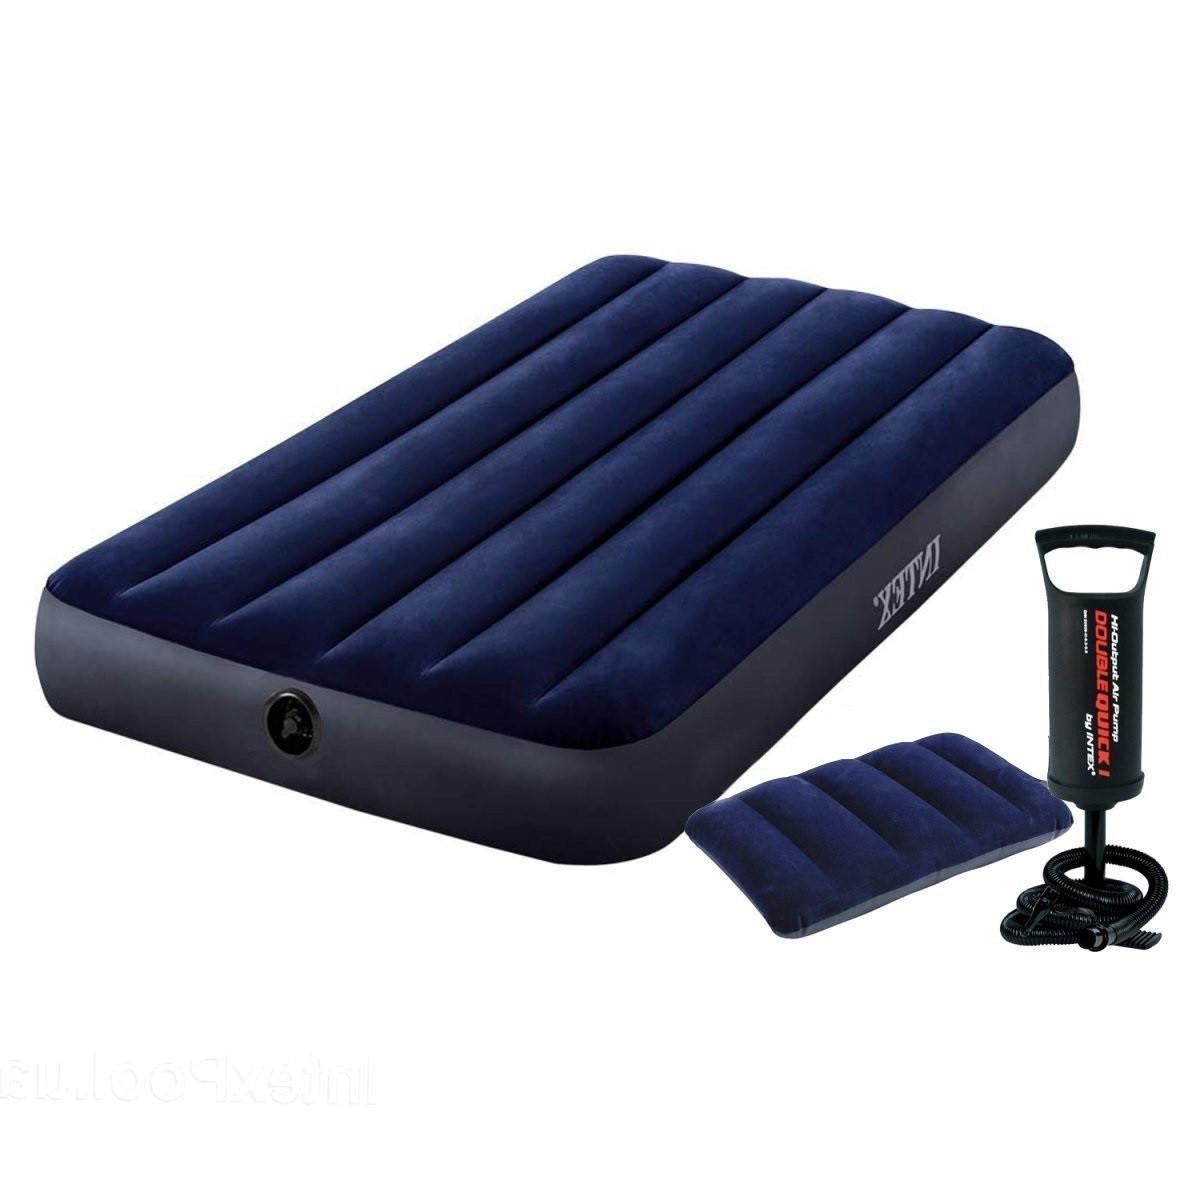 Надувной матрас Intex 68757-2, 99 х 191 х 22 см, с подушкой и ручным насосом. Одноместный